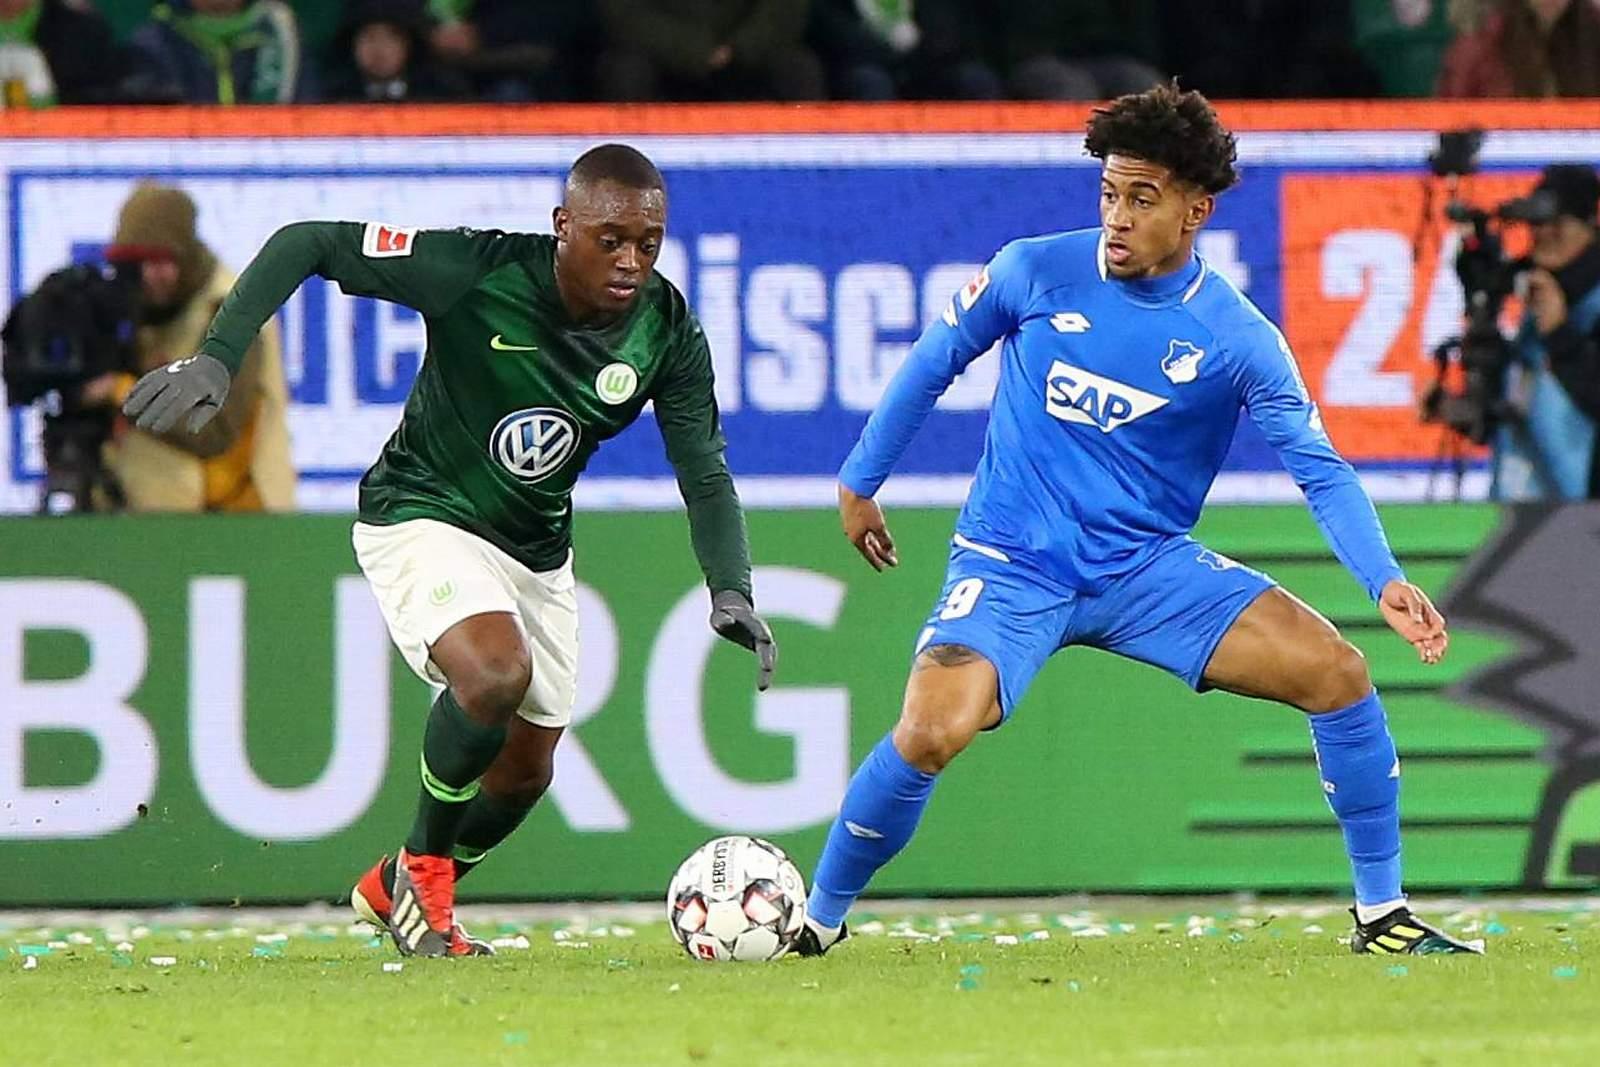 Schließt Jérôme Roussillon mit den Wölfen zu 1899 auf? Jetzt auf Hoffenheim gegen Wolfsburg wetten!